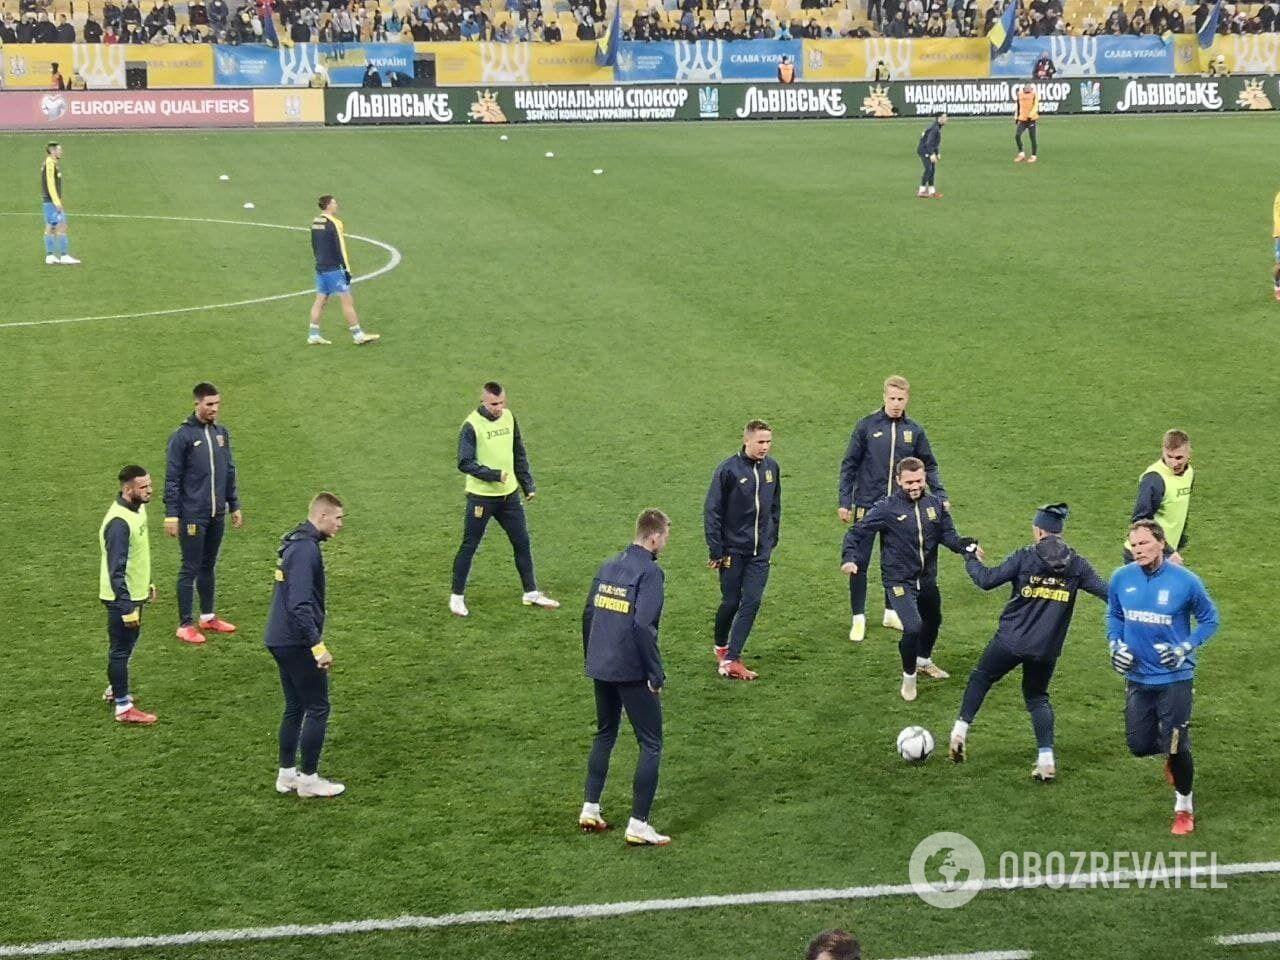 Игроки сборной Украины перед матчем на поле.